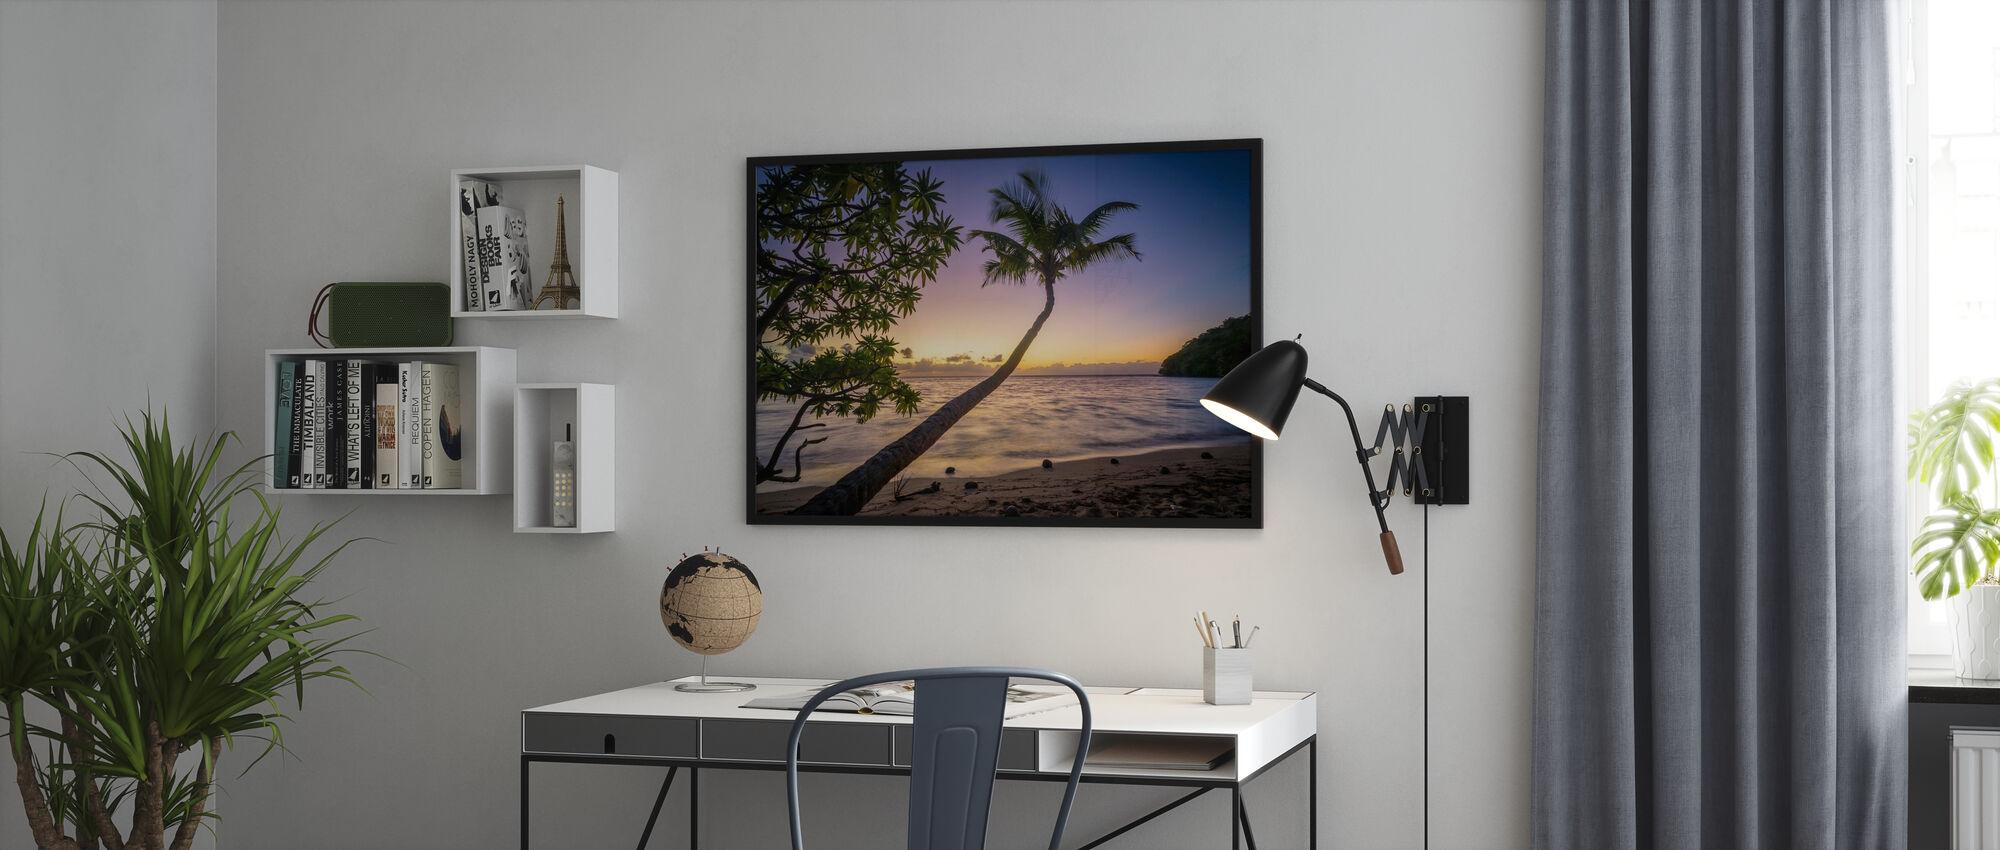 Sunset Beach - Poster - Kontor